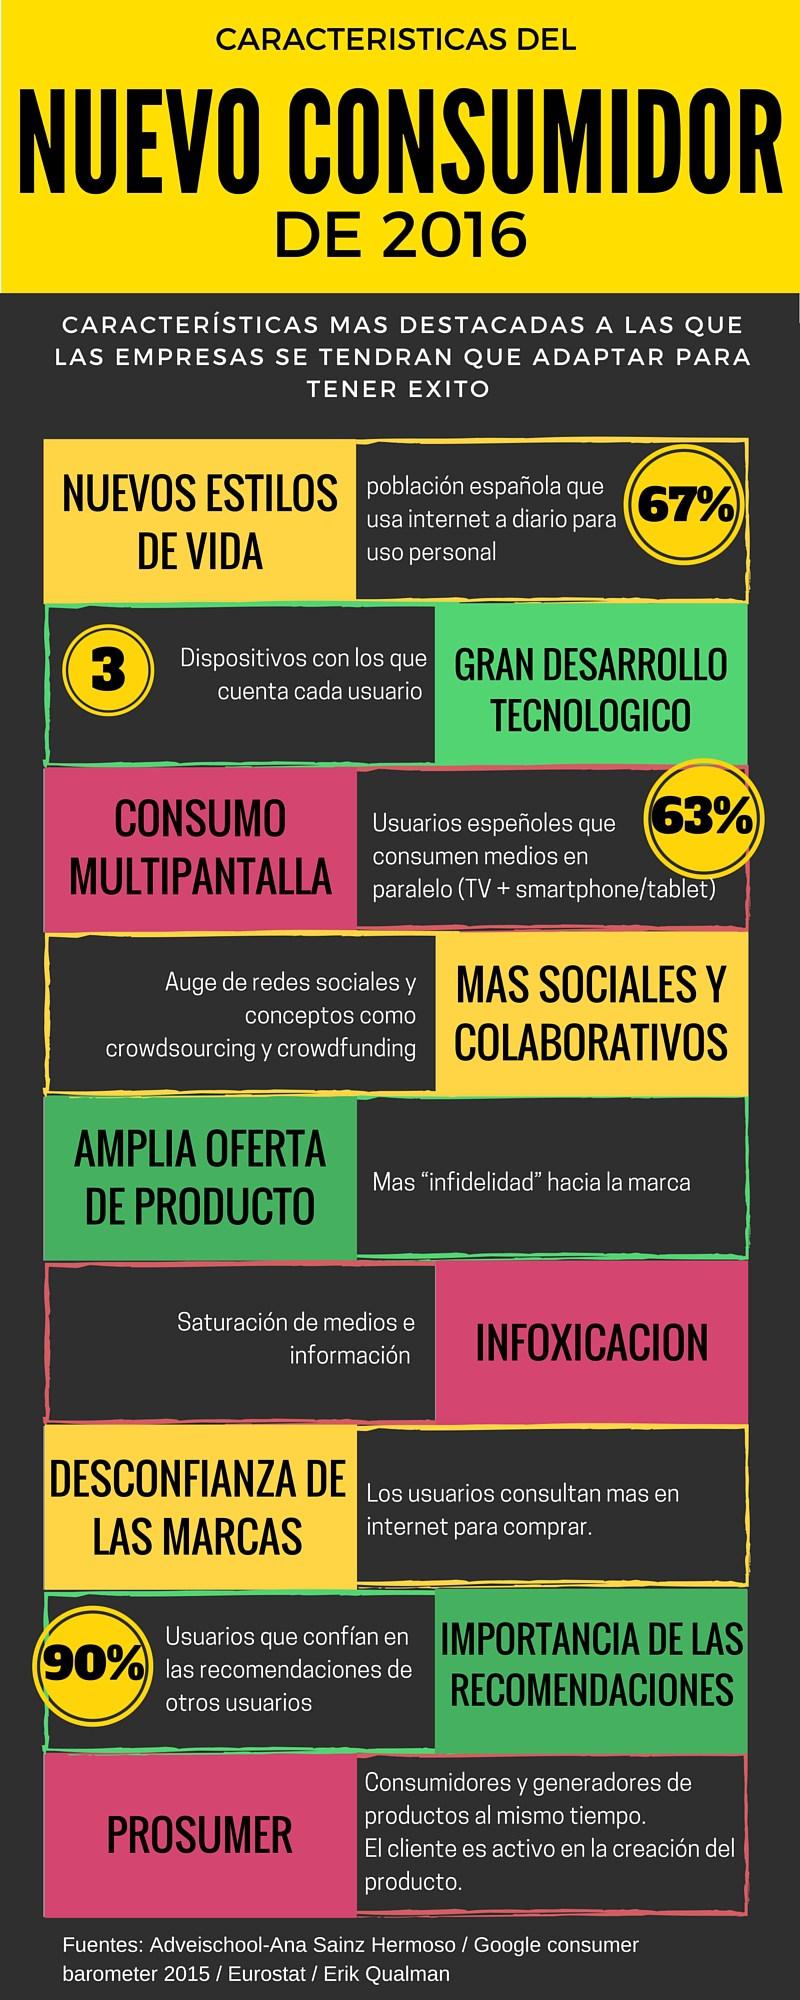 Características del nuevo consumidor #infografia #infographic #marketing